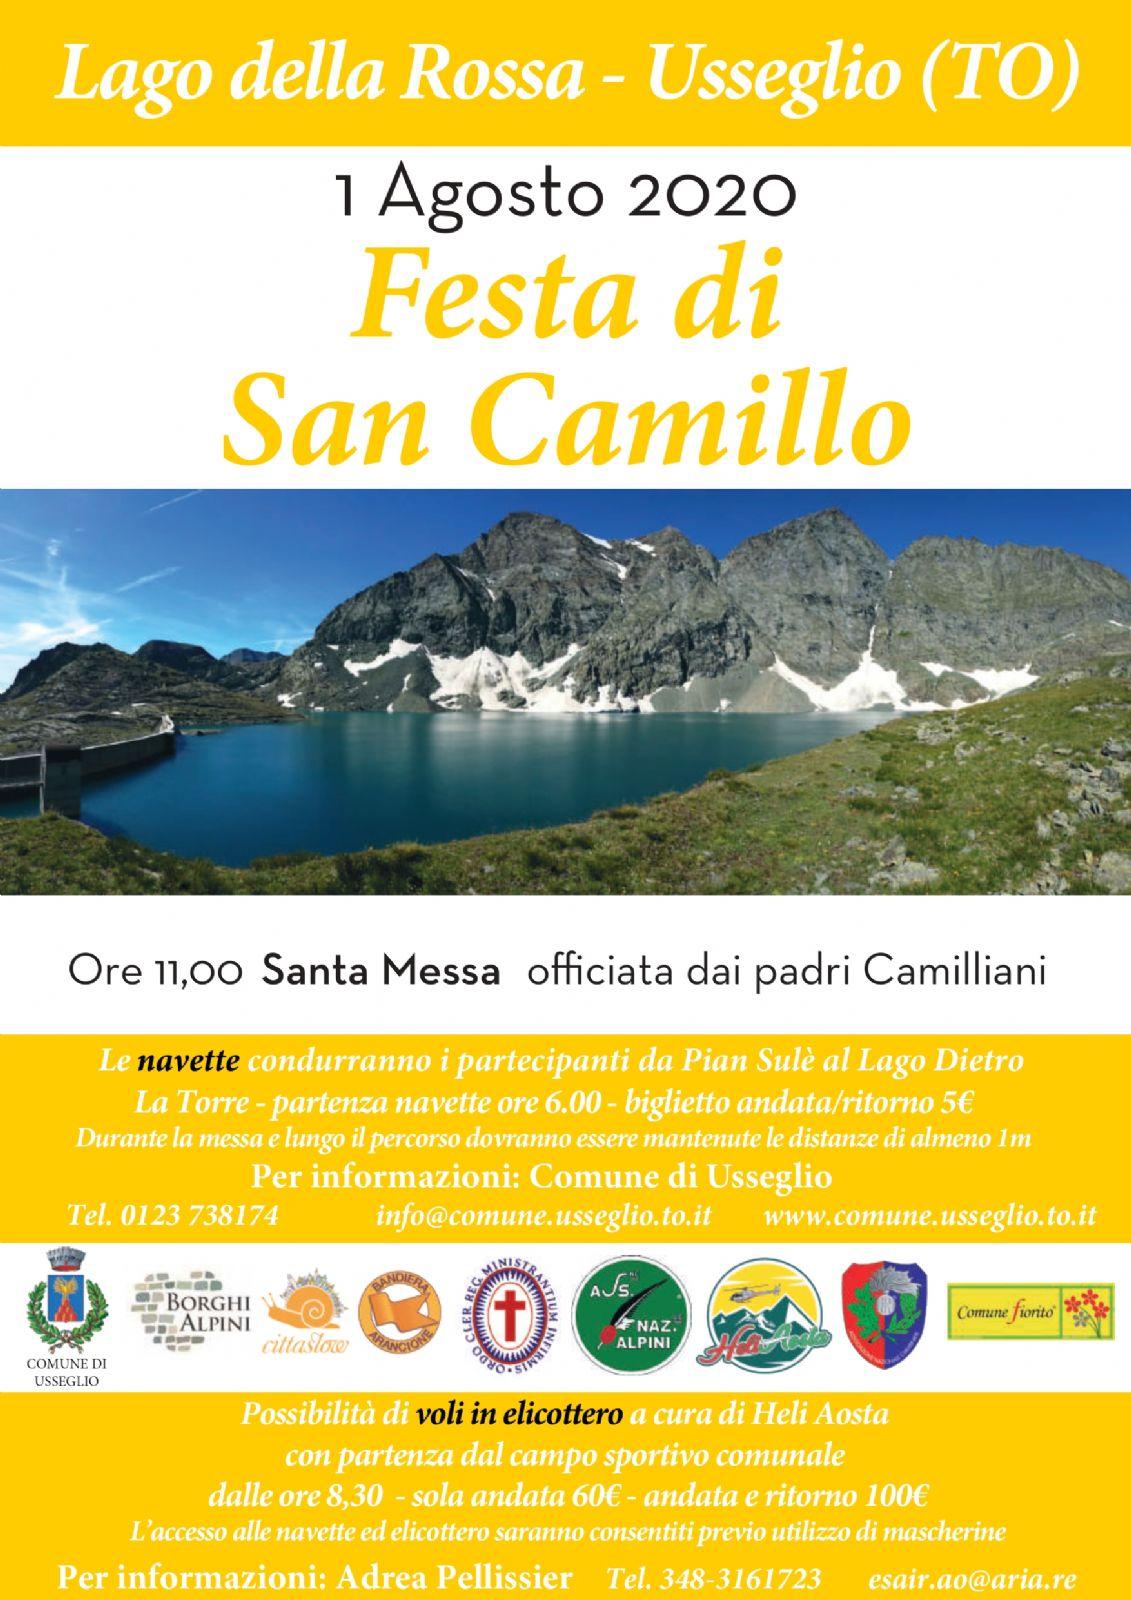 Festa di San Camillo - 1 agosto 2020 - Comune di Usseglio